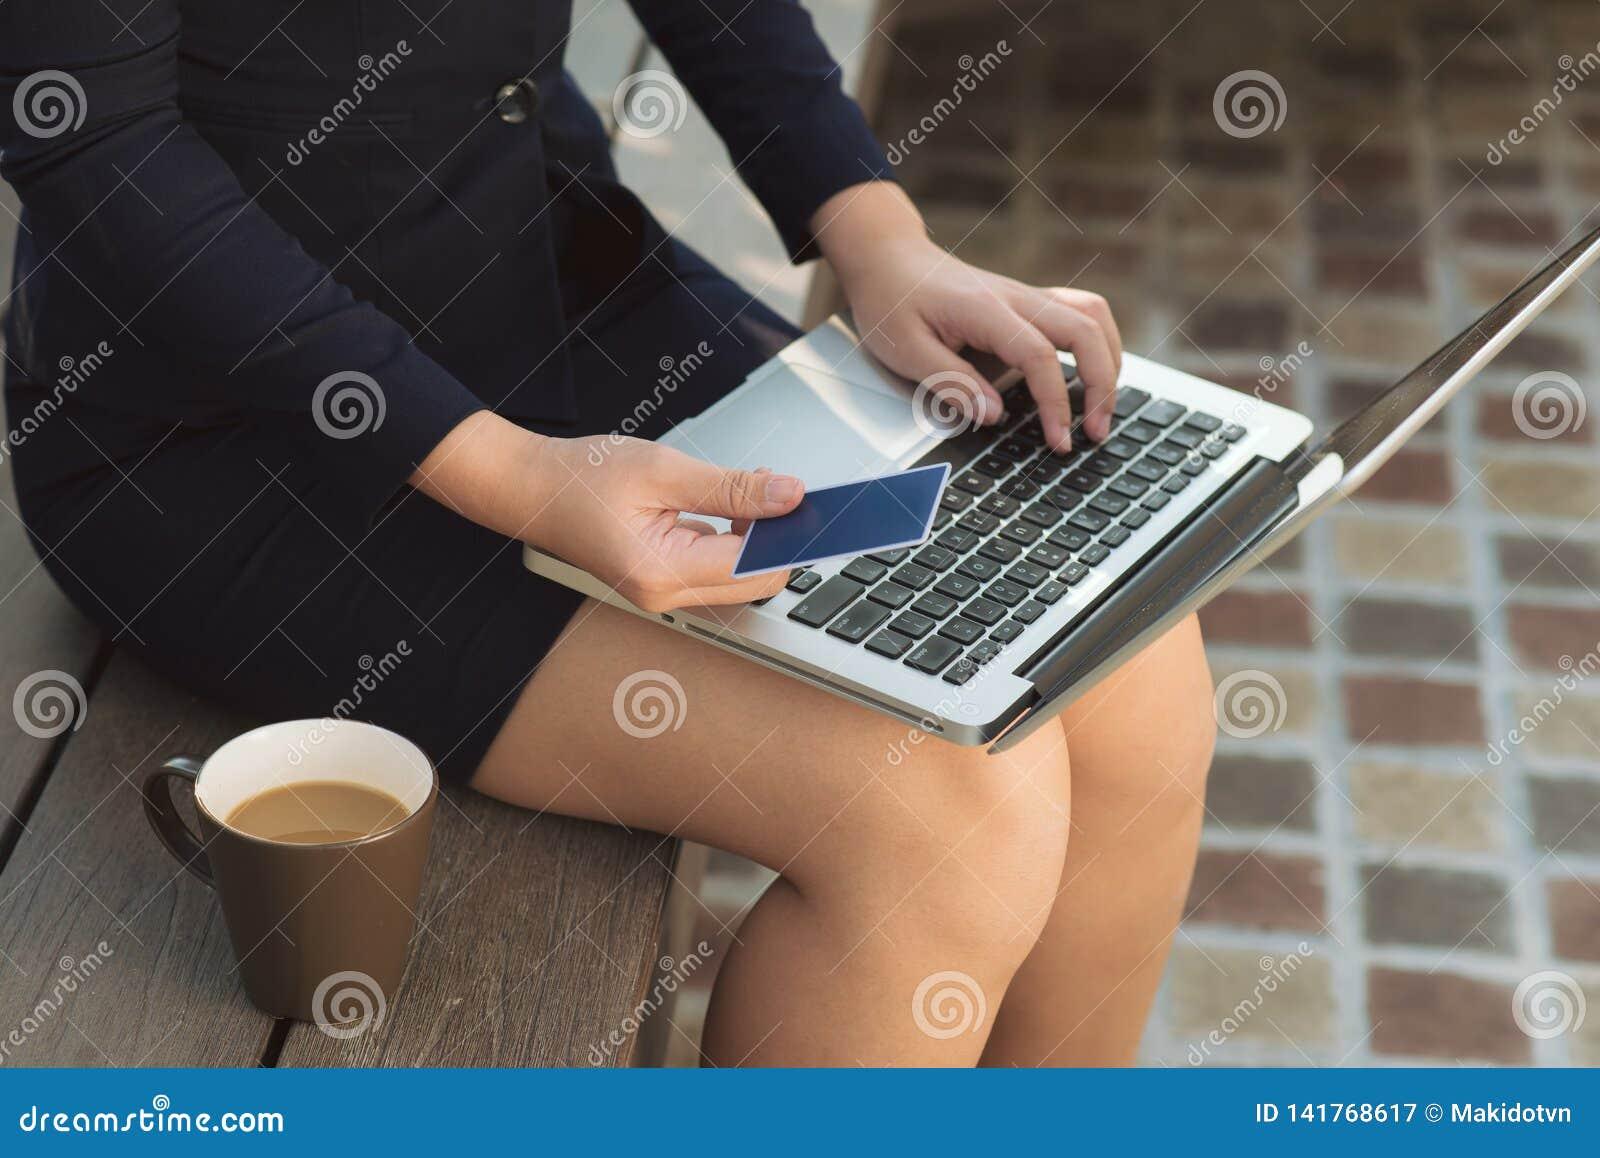 De holdingscreditcard van de vrouwenhand en laptop dichte omhooggaande buitenkant